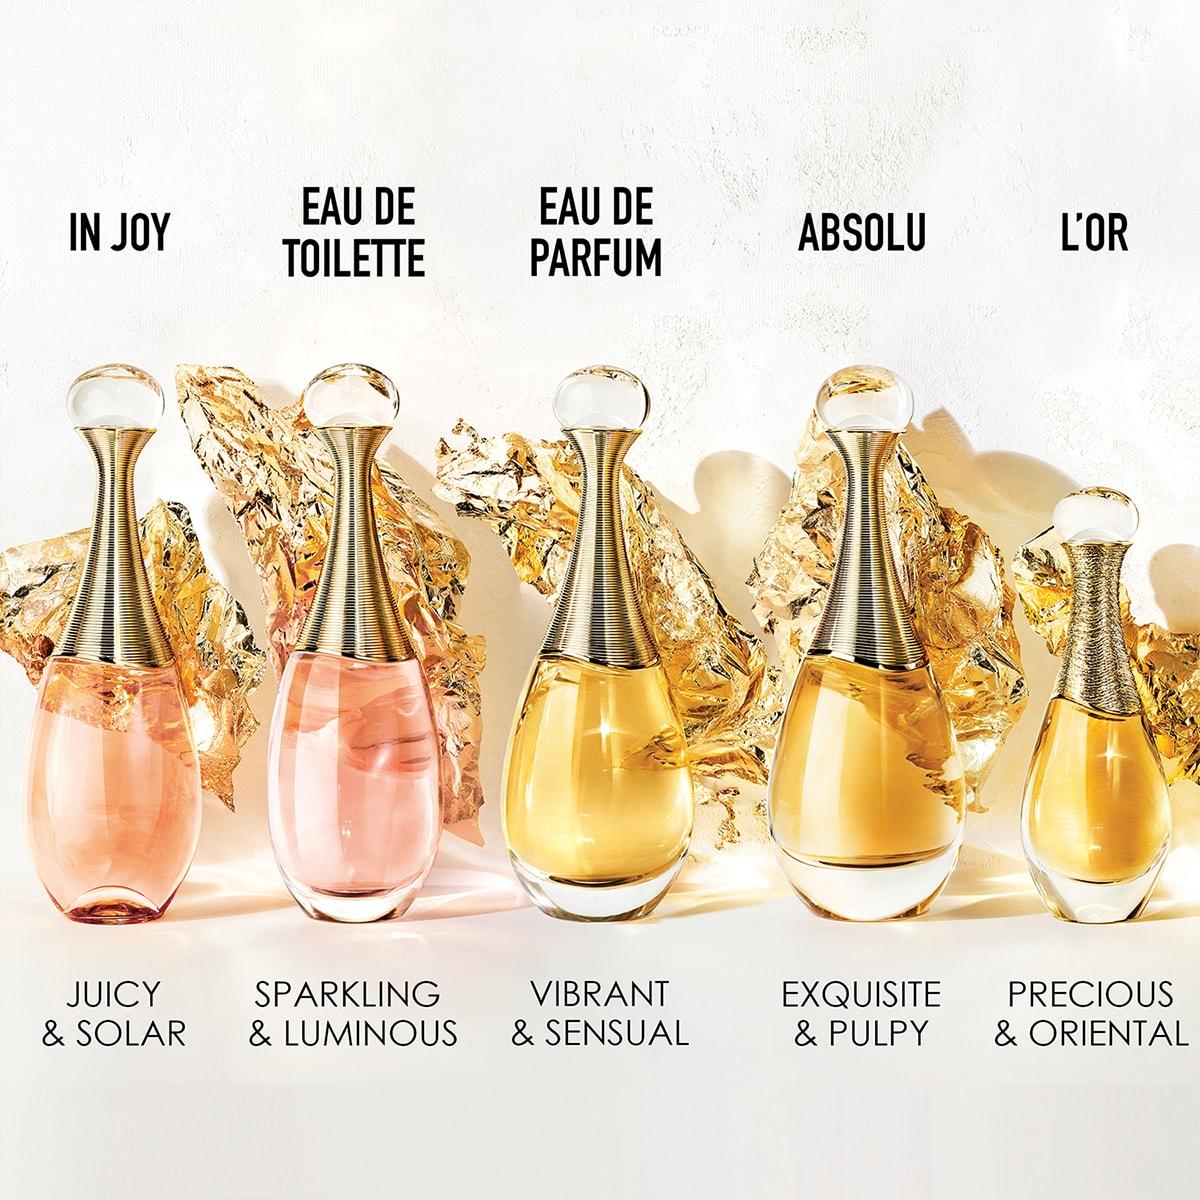 parfum j'adore de dior declinaison